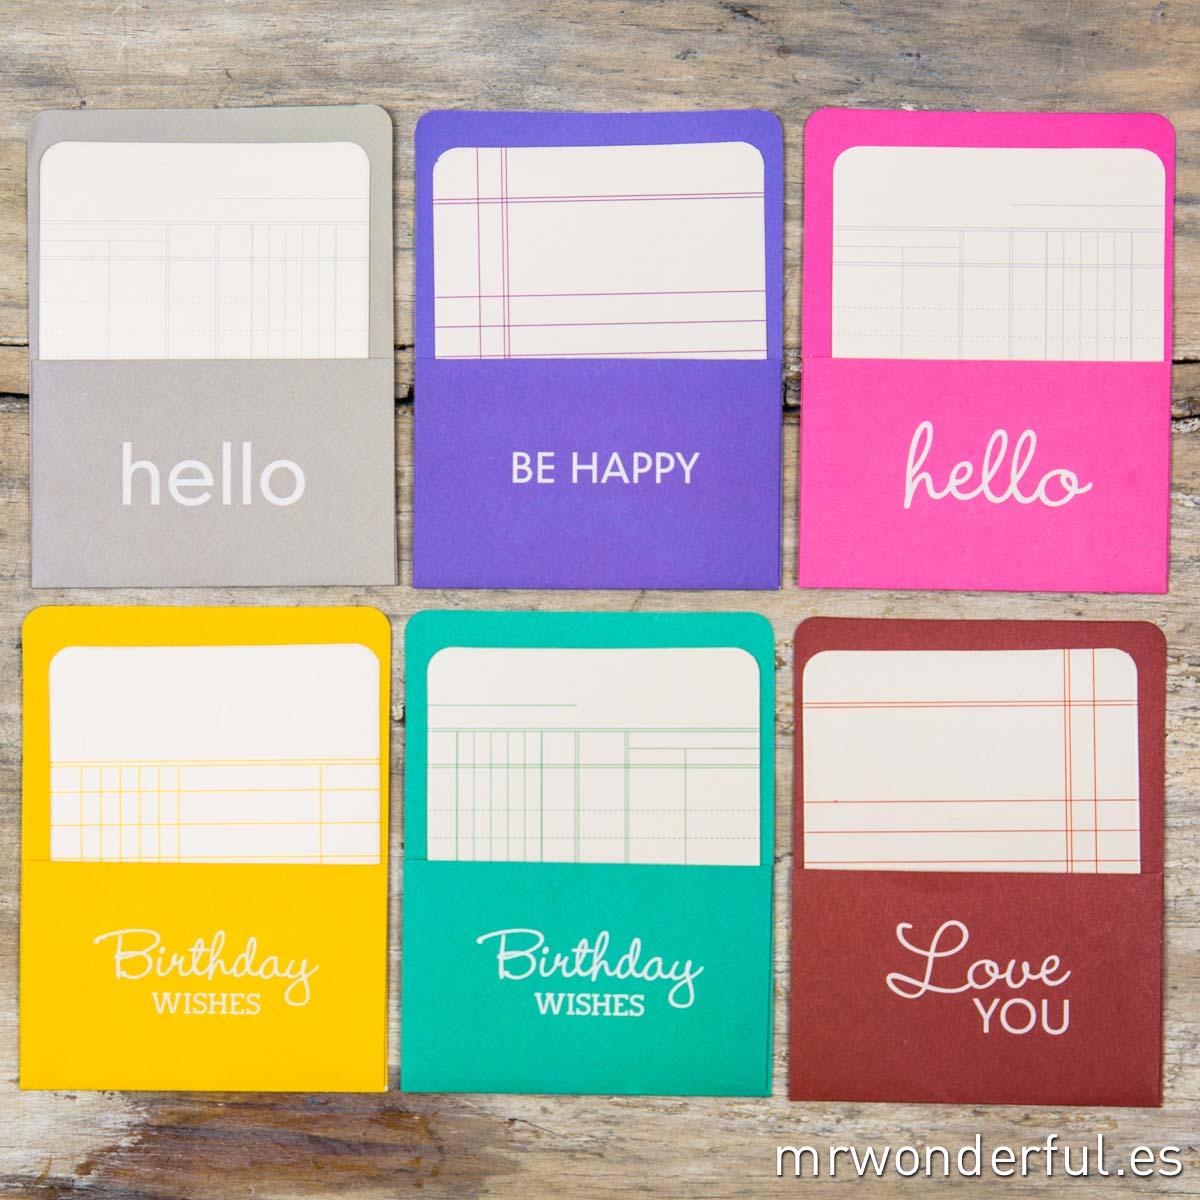 mrwonderfulshop_747202_bolsillos_con_tarjetas_en_colores_y_mensajes_02